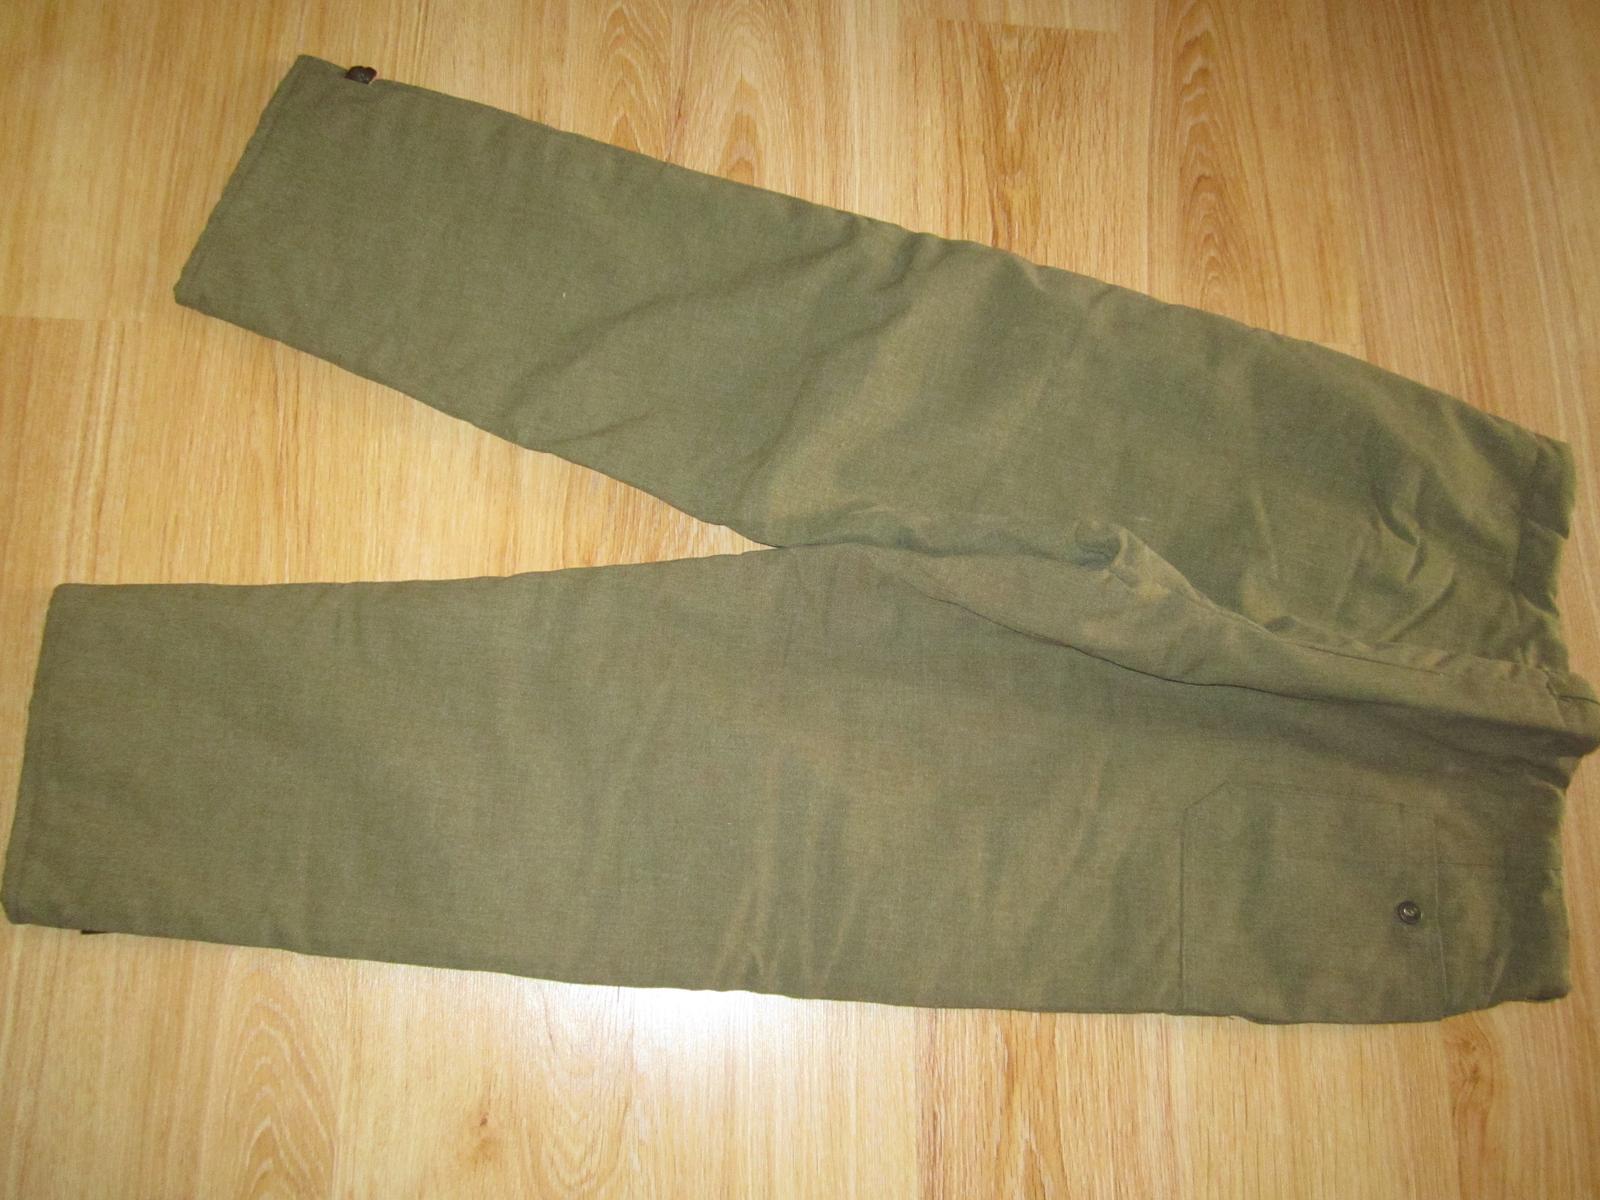 pracovné oblečenie--nohavice--XL - Obrázok č. 3